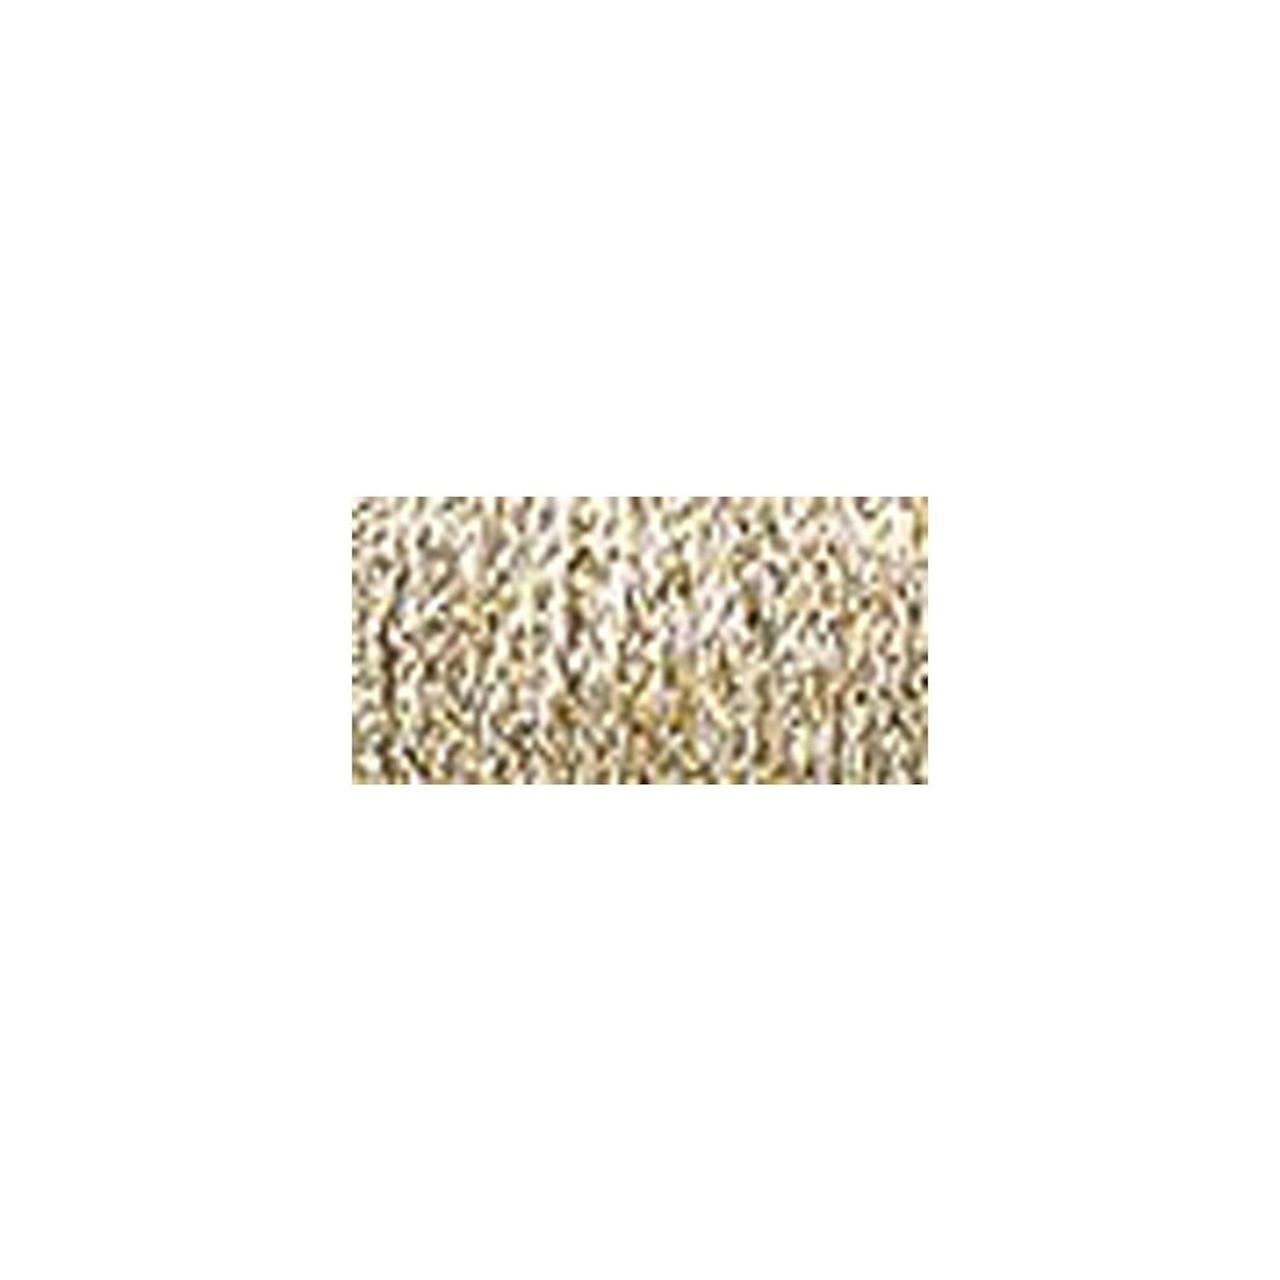 Kreinik Metallics Blending Filament - Gold #002